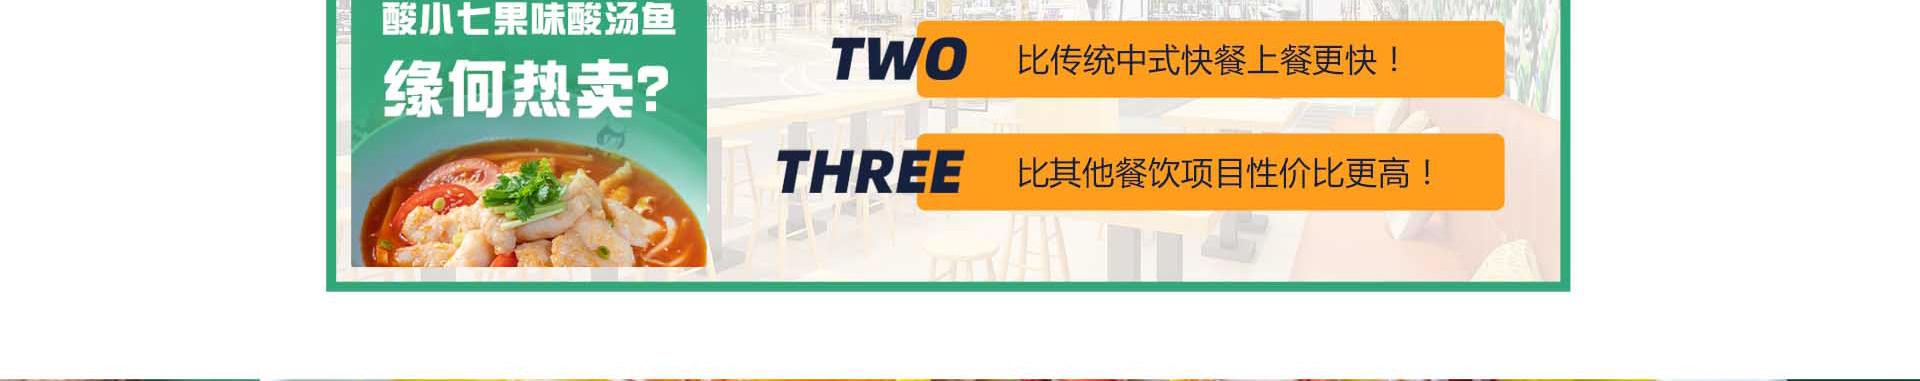 酸小七果味酸汤鱼新版详情页_09